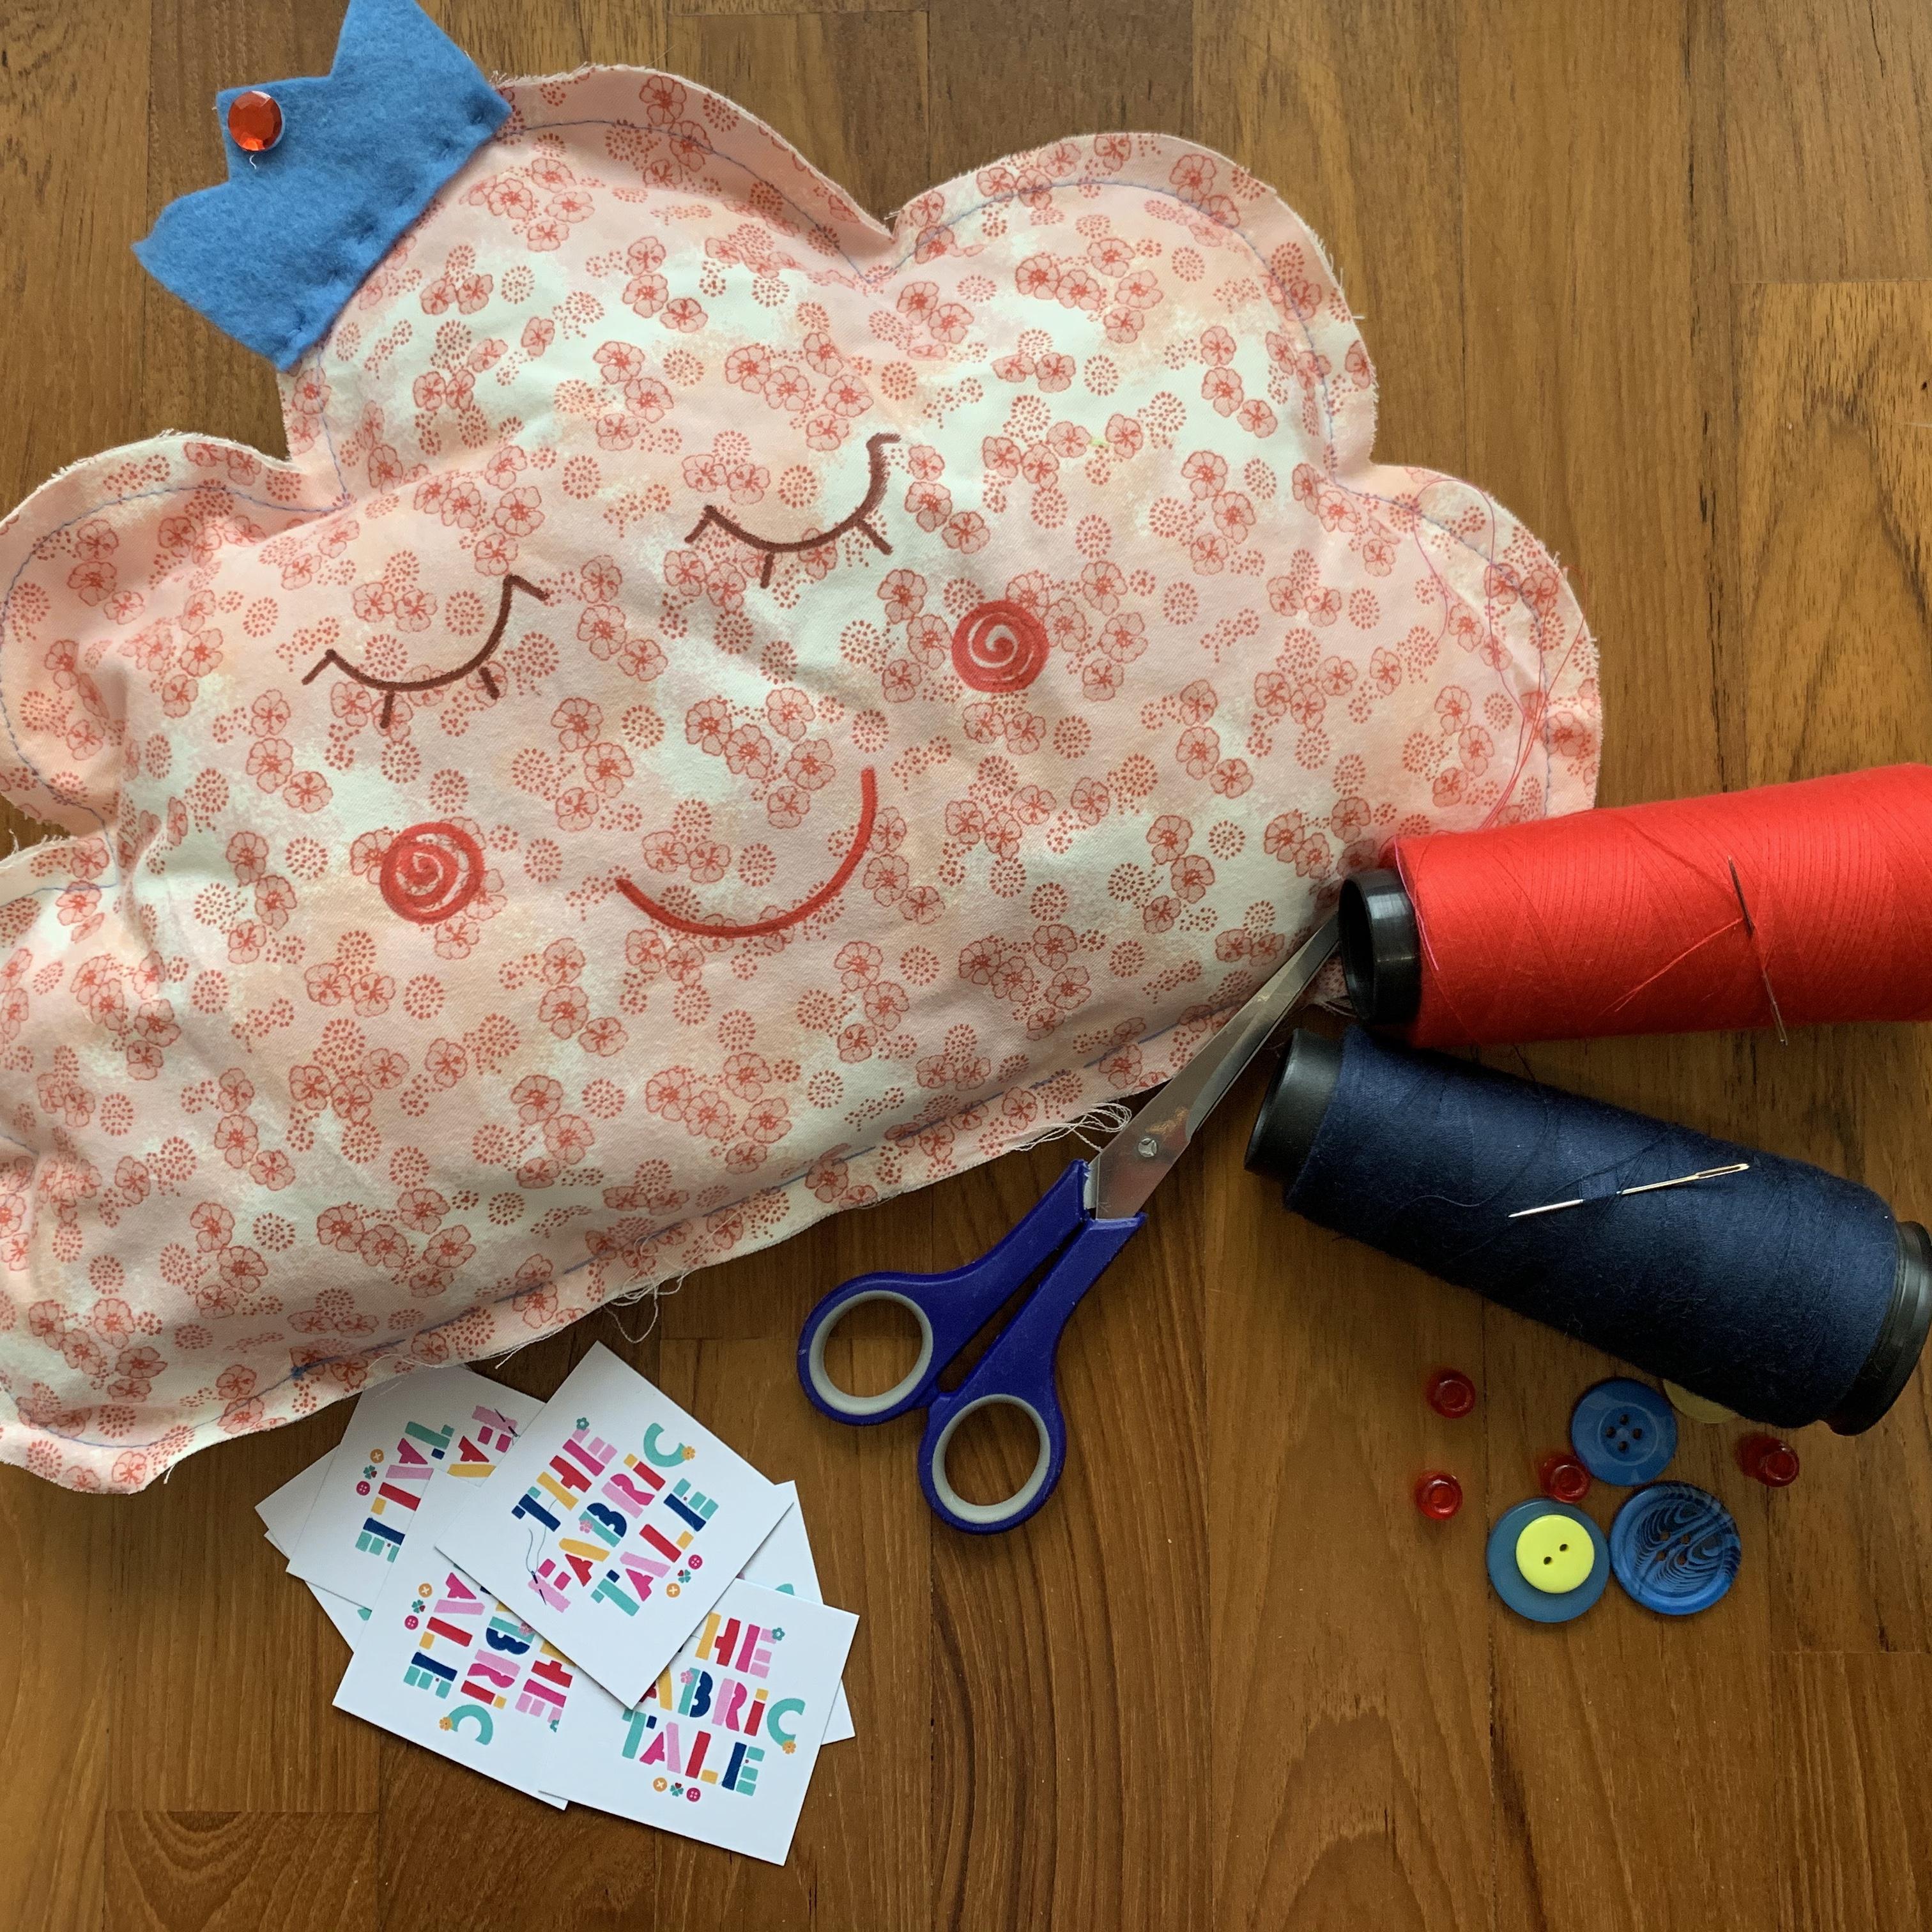 Sabato 8 Febbraio – Laboratorio Taglio e Cucito – Cuscino a forma di Stella, Cuore o Nuvola! – Spazio Ars e The Fabric Tale